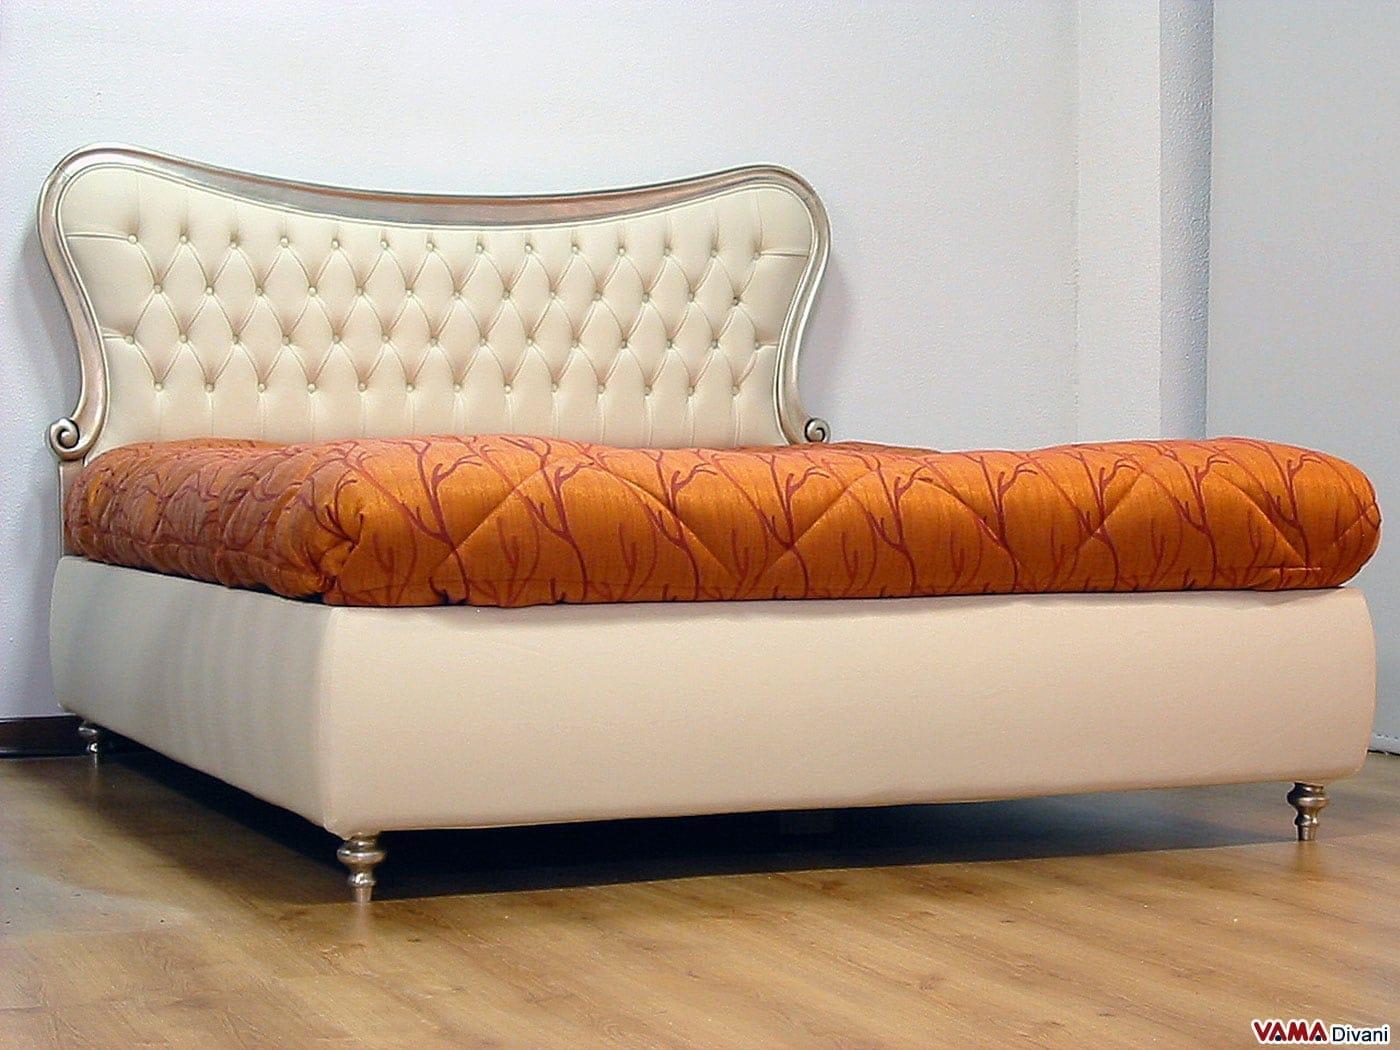 Letto matrimoniale in pelle con cornice in legno e capitonn - Dove comprare un letto matrimoniale ...